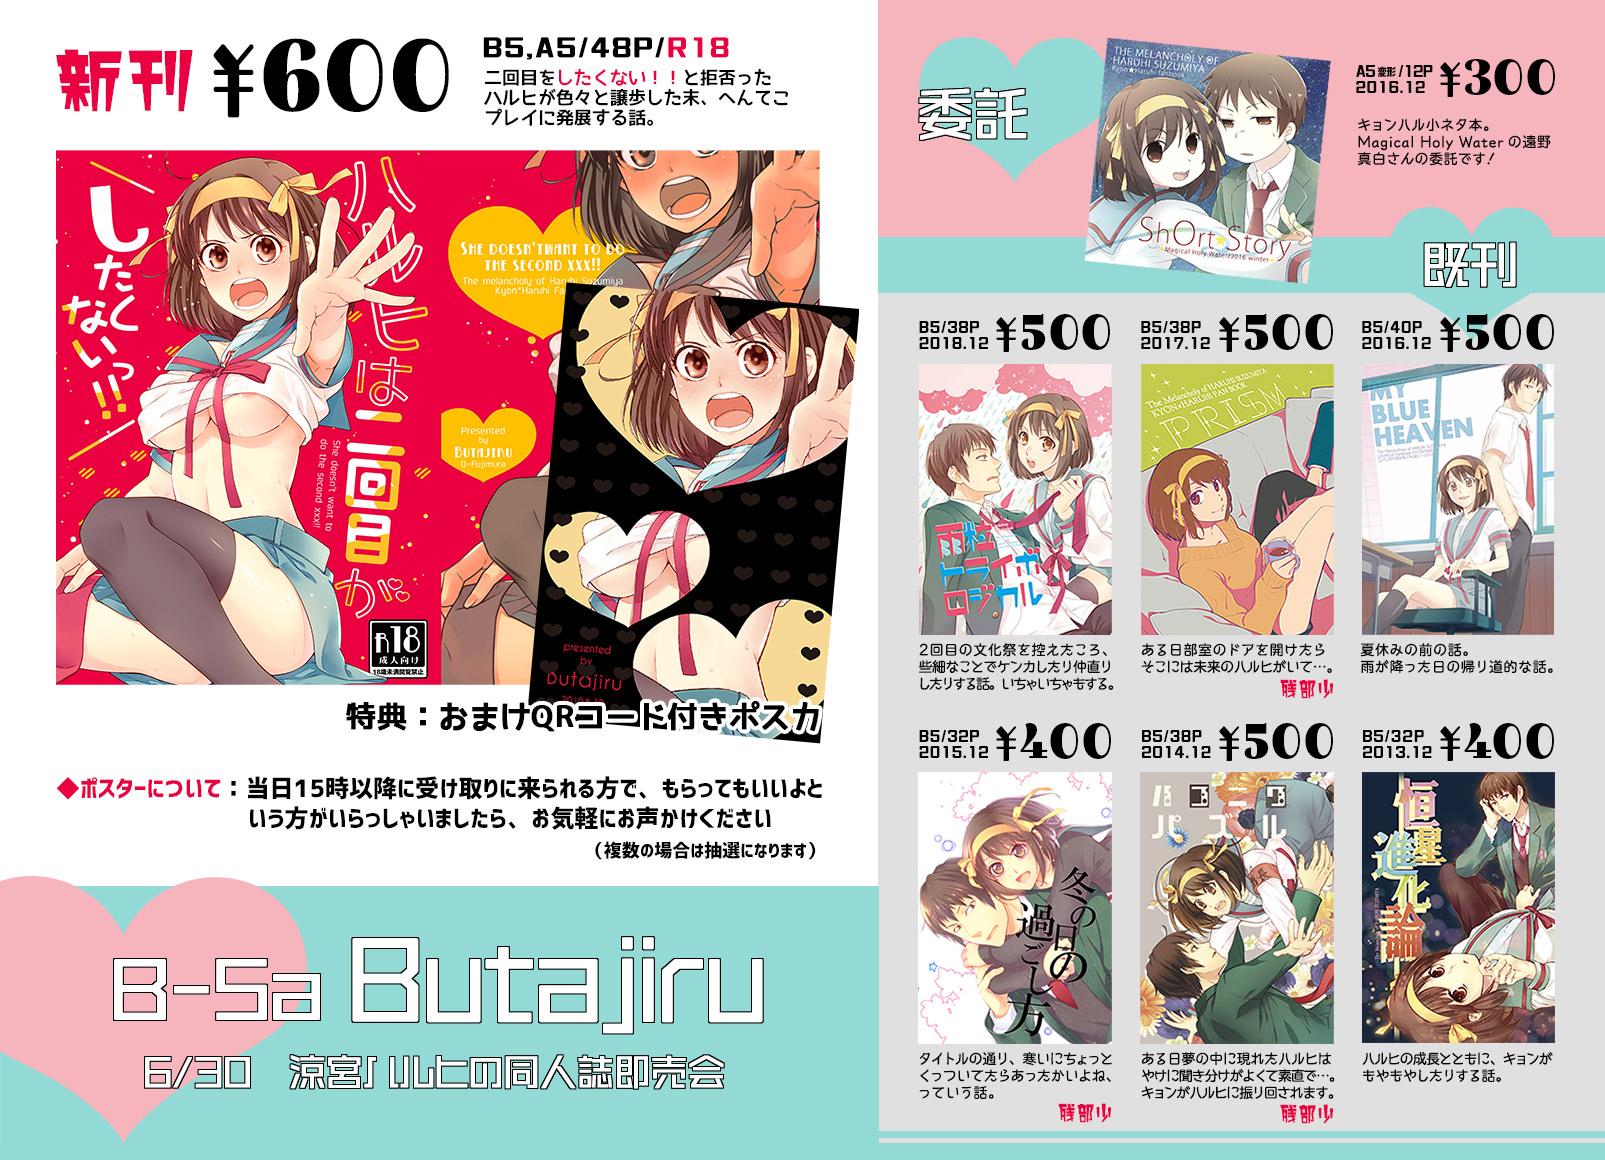 oshinagaki_0630.jpg 1605×1160 608K